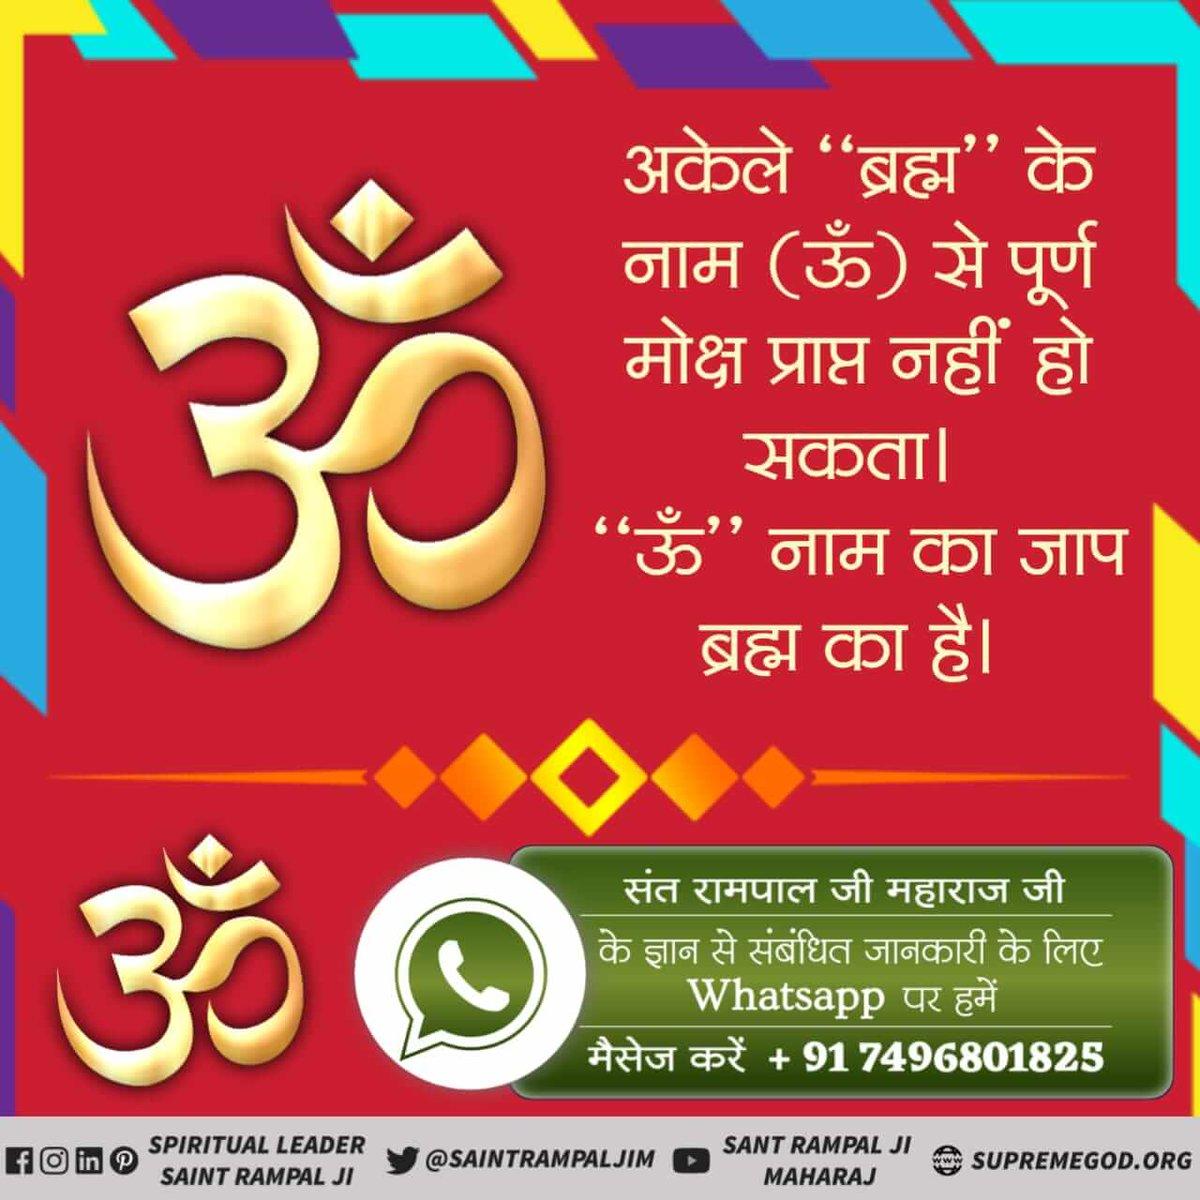 ॐ_का_रहस्य #shivay #omnamahshivaya #ujjain #aghori #shiva #lordshiva #harharmahadev #bambambhole  #mahadeva #shiv #bhole #amarnath #badrinath #kedarnath #rudra #shakti #bhakti #guru #satsang #yogi #shivbhakt #devi #bholebaba #mahakaal #somnath #shambhu #ganga #SaintRampalJi https://t.co/oRh0xwKvLk